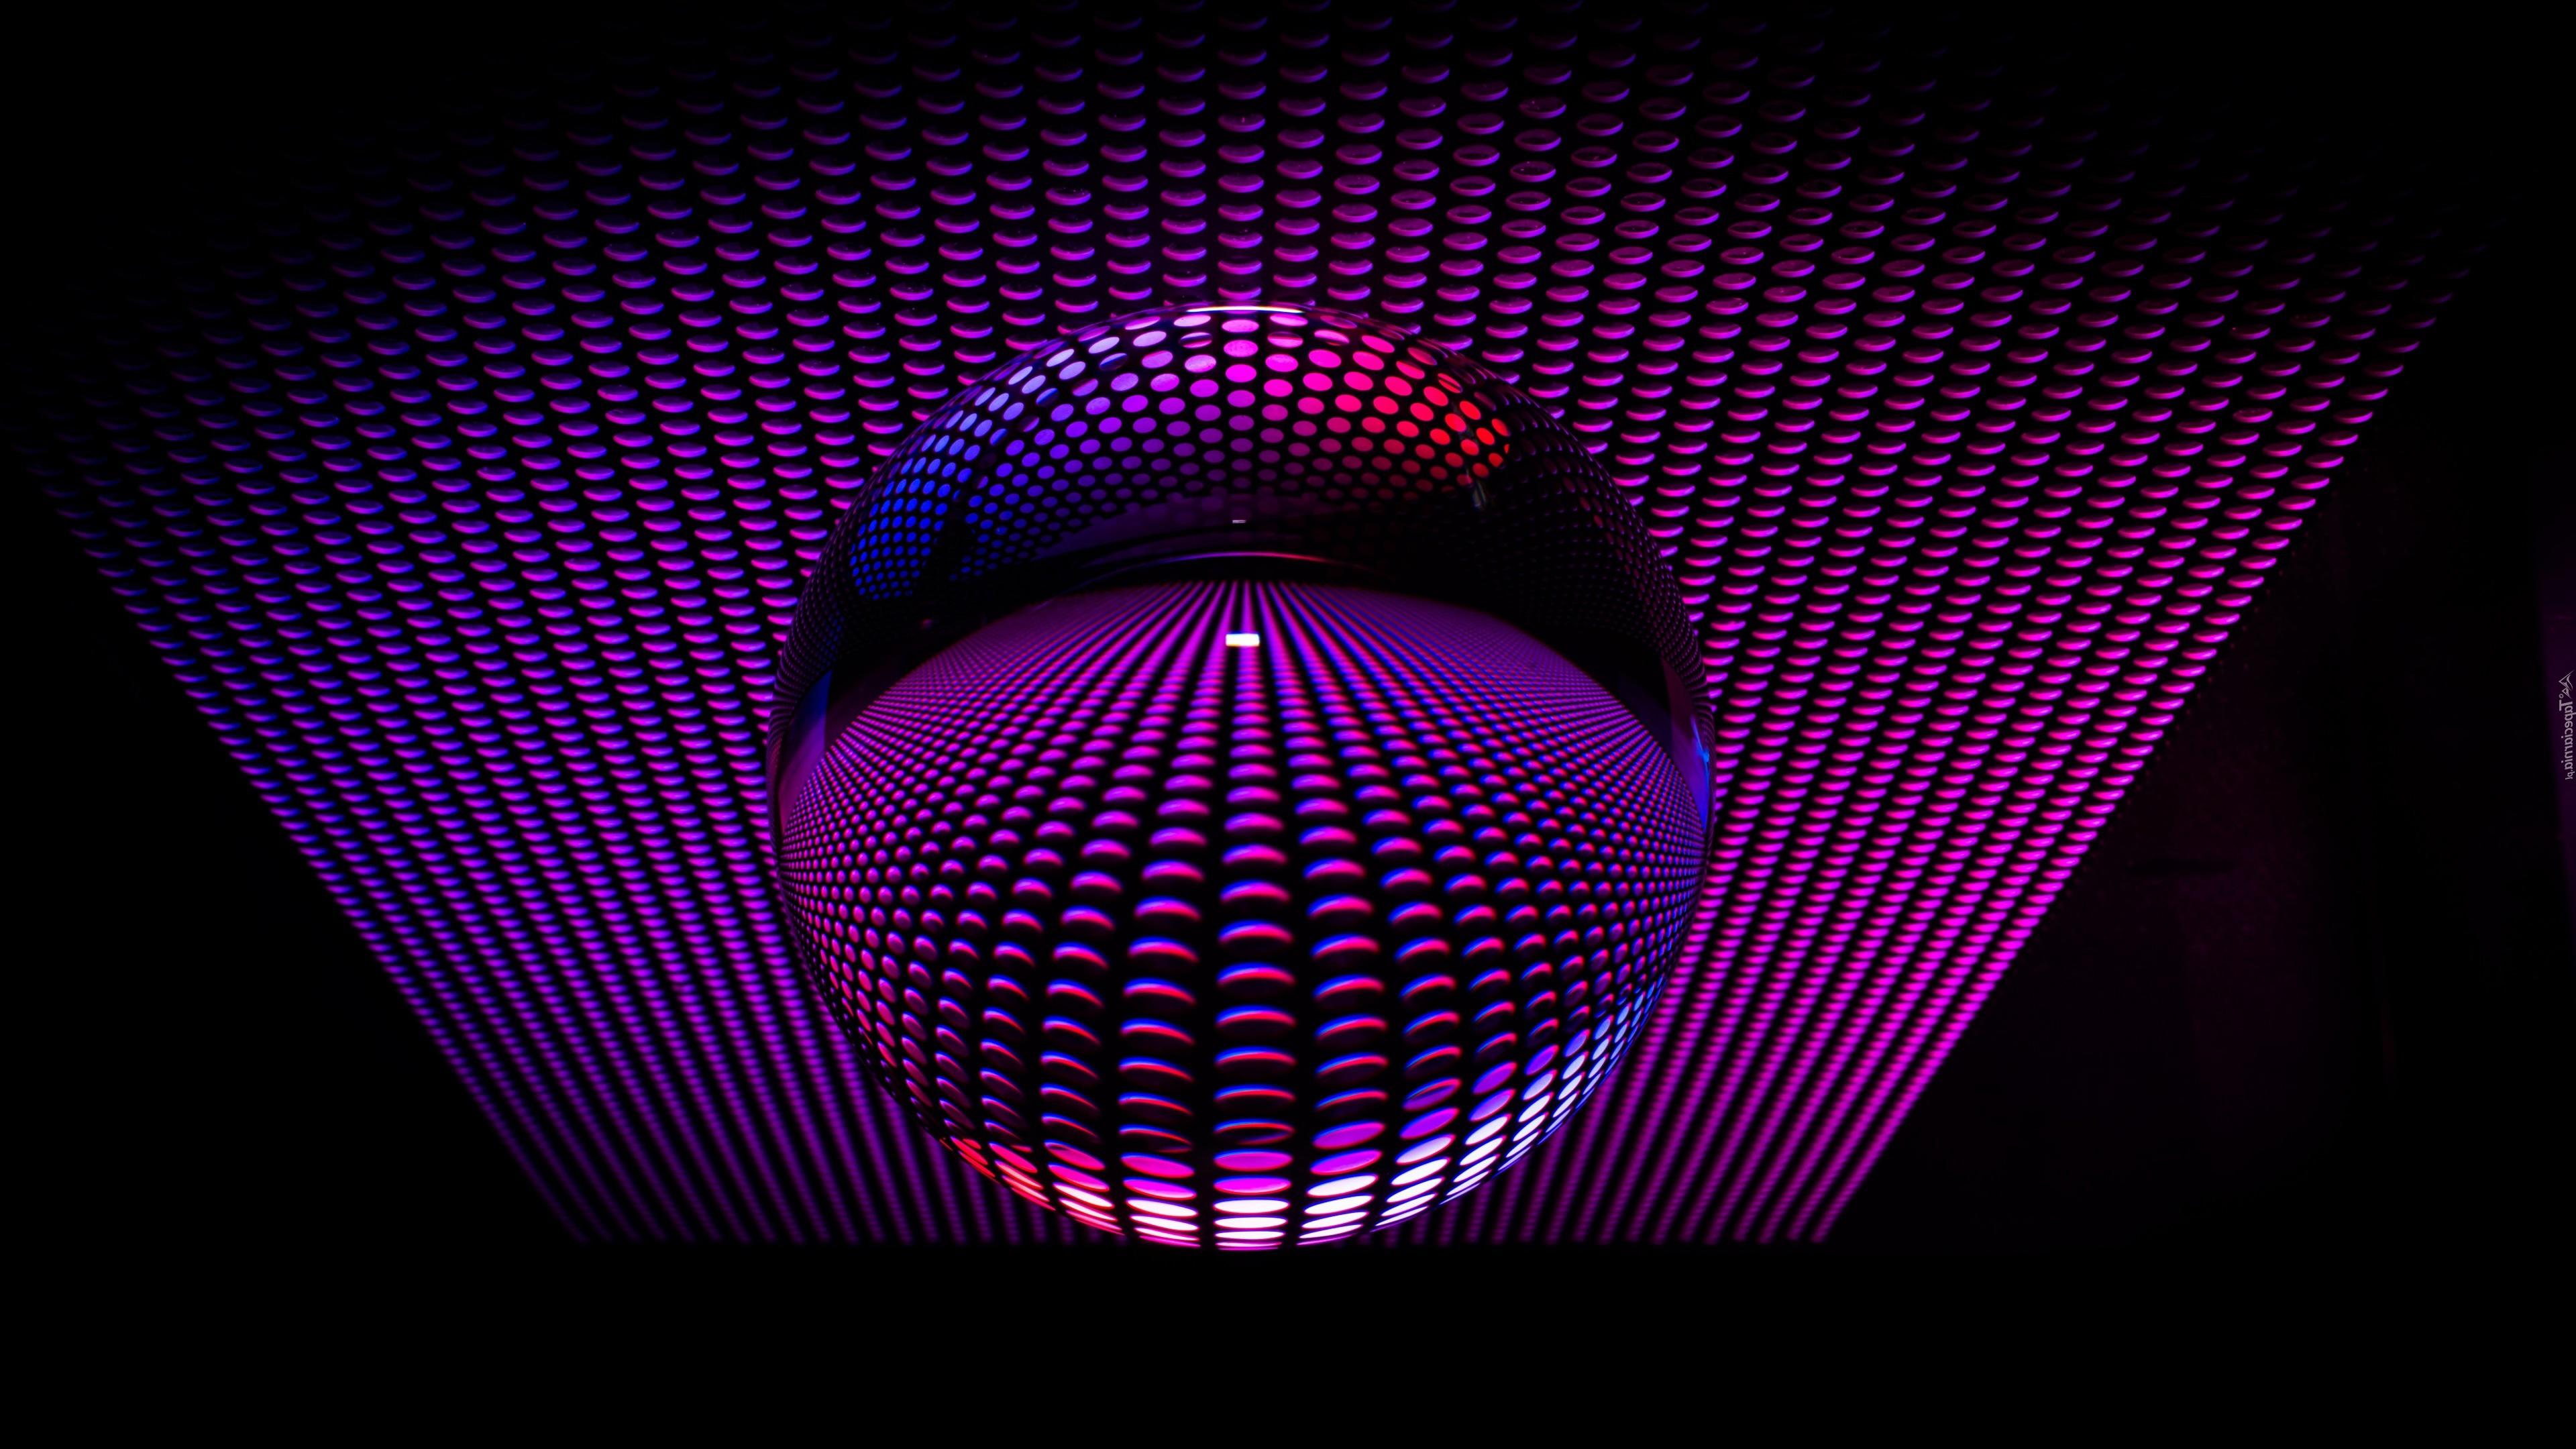 HDoboi.Kiev.ua - Стеклянная сфера, фиолетовый фон, 3д графика, 3д обои